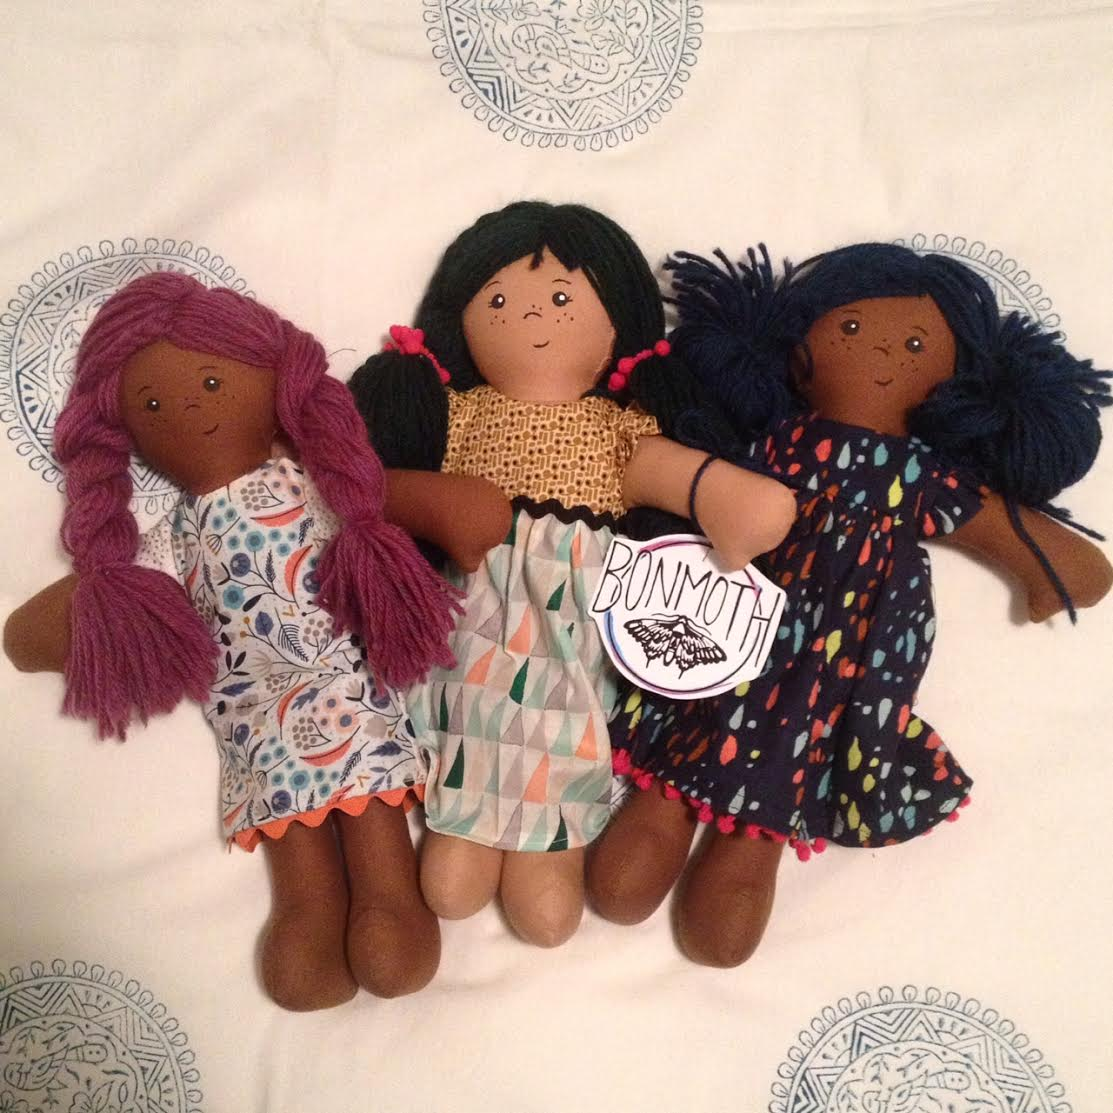 Bonmoth Dolls